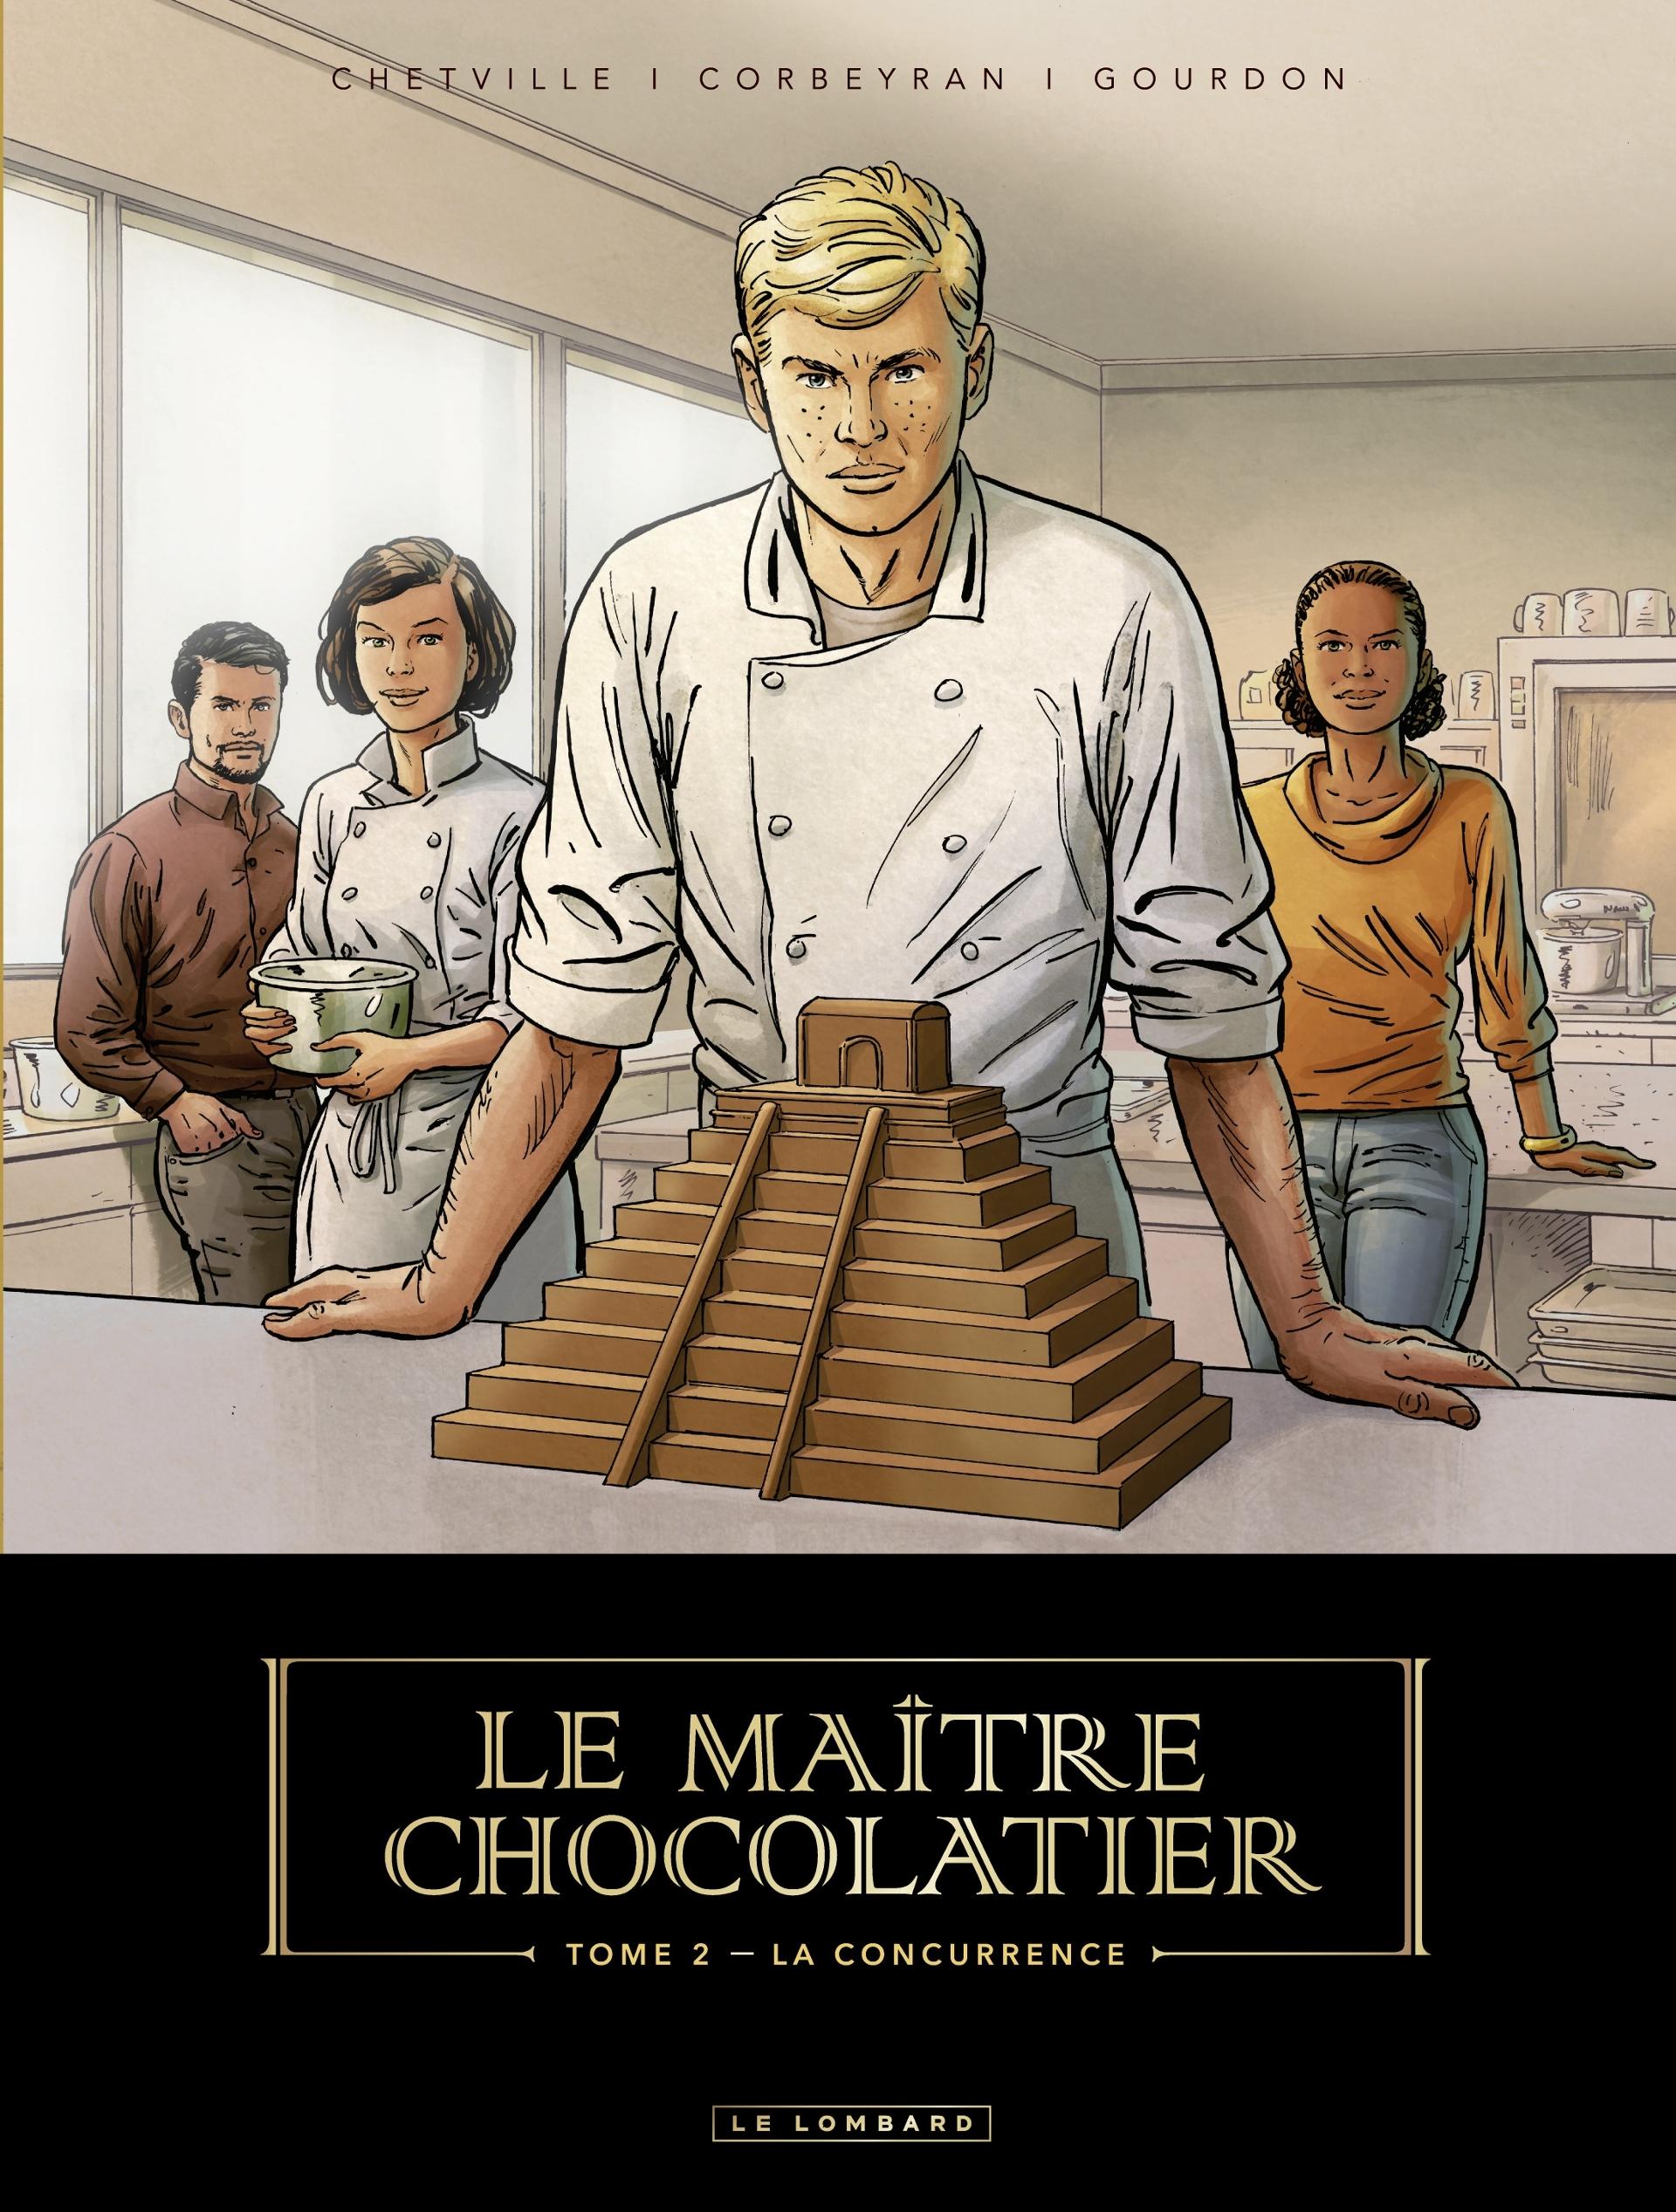 Le Maître Chocolatier 2 - La concurrence